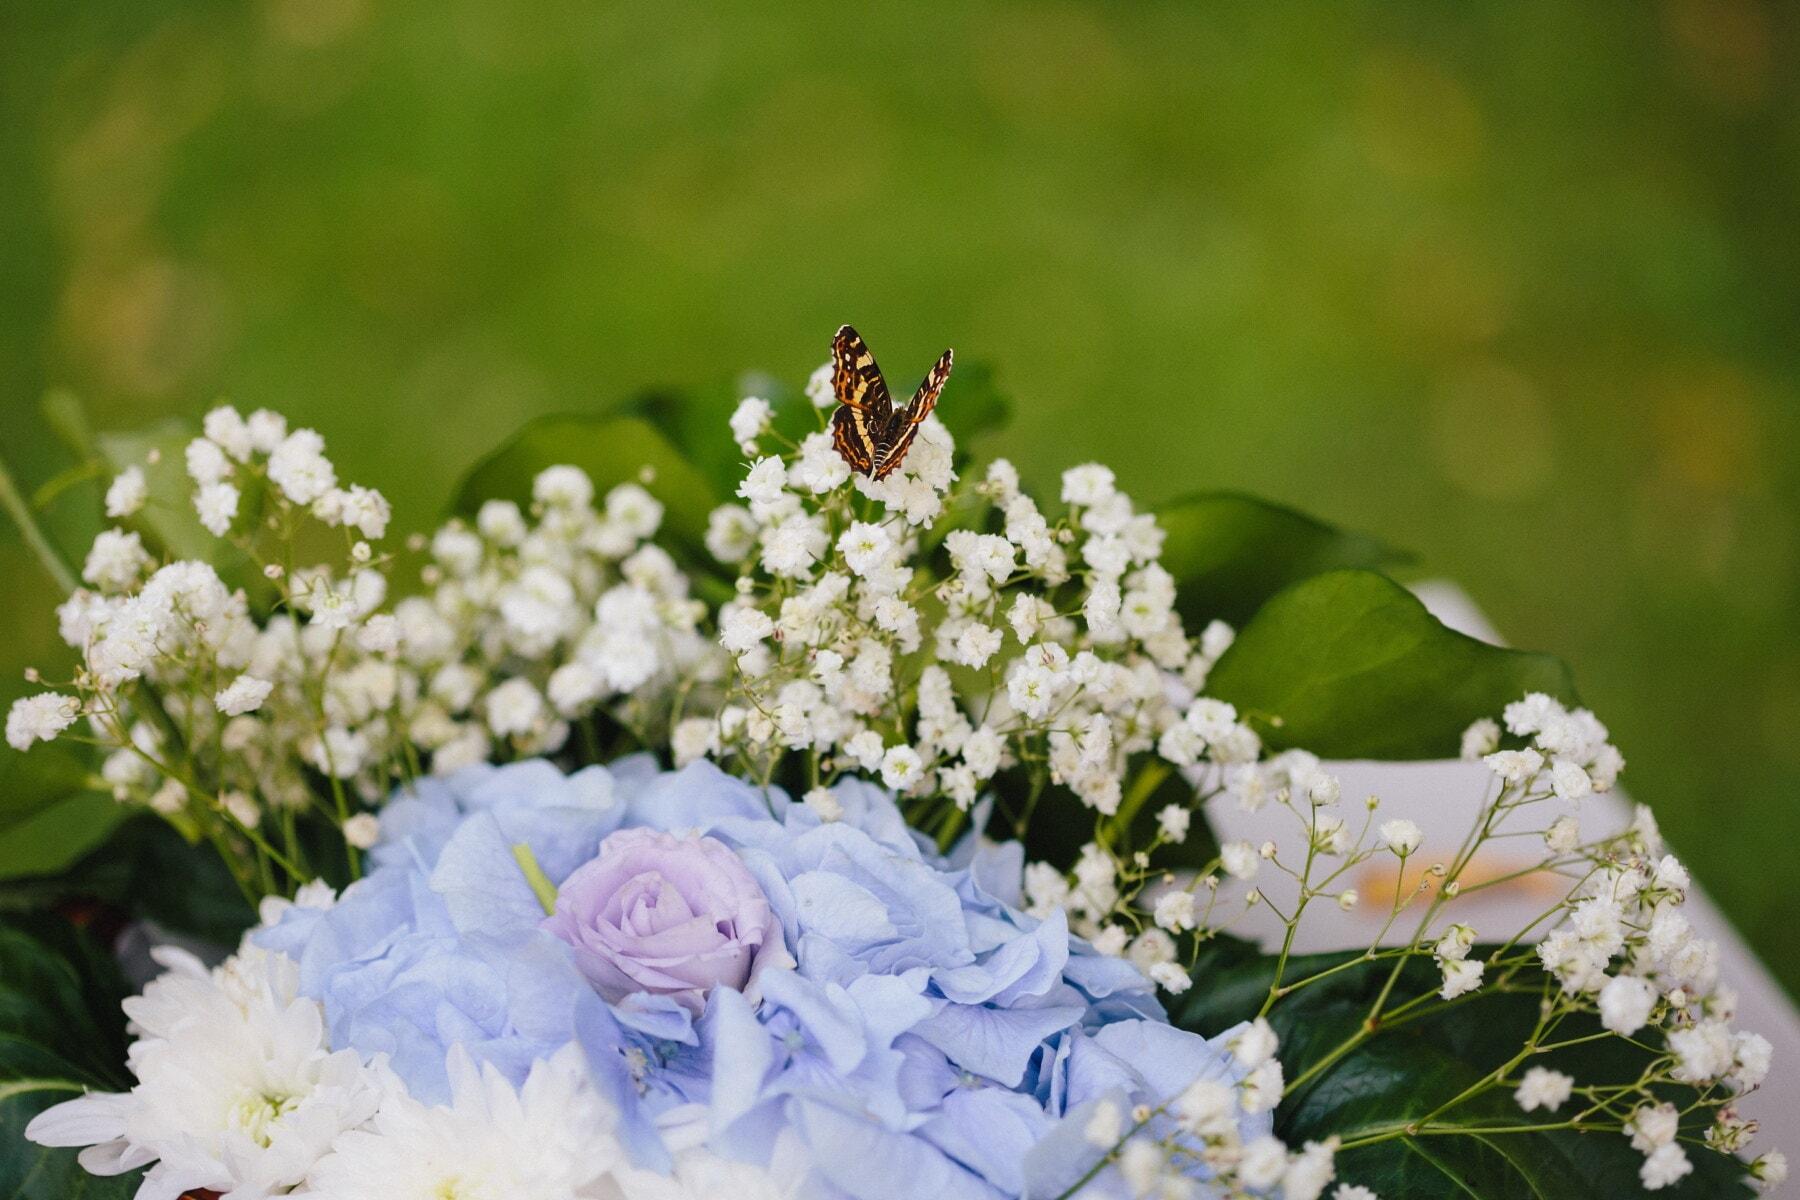 brun, Papilionidae, fleurs, hortensia, des roses, bouquet, été, feuille, plante, nature